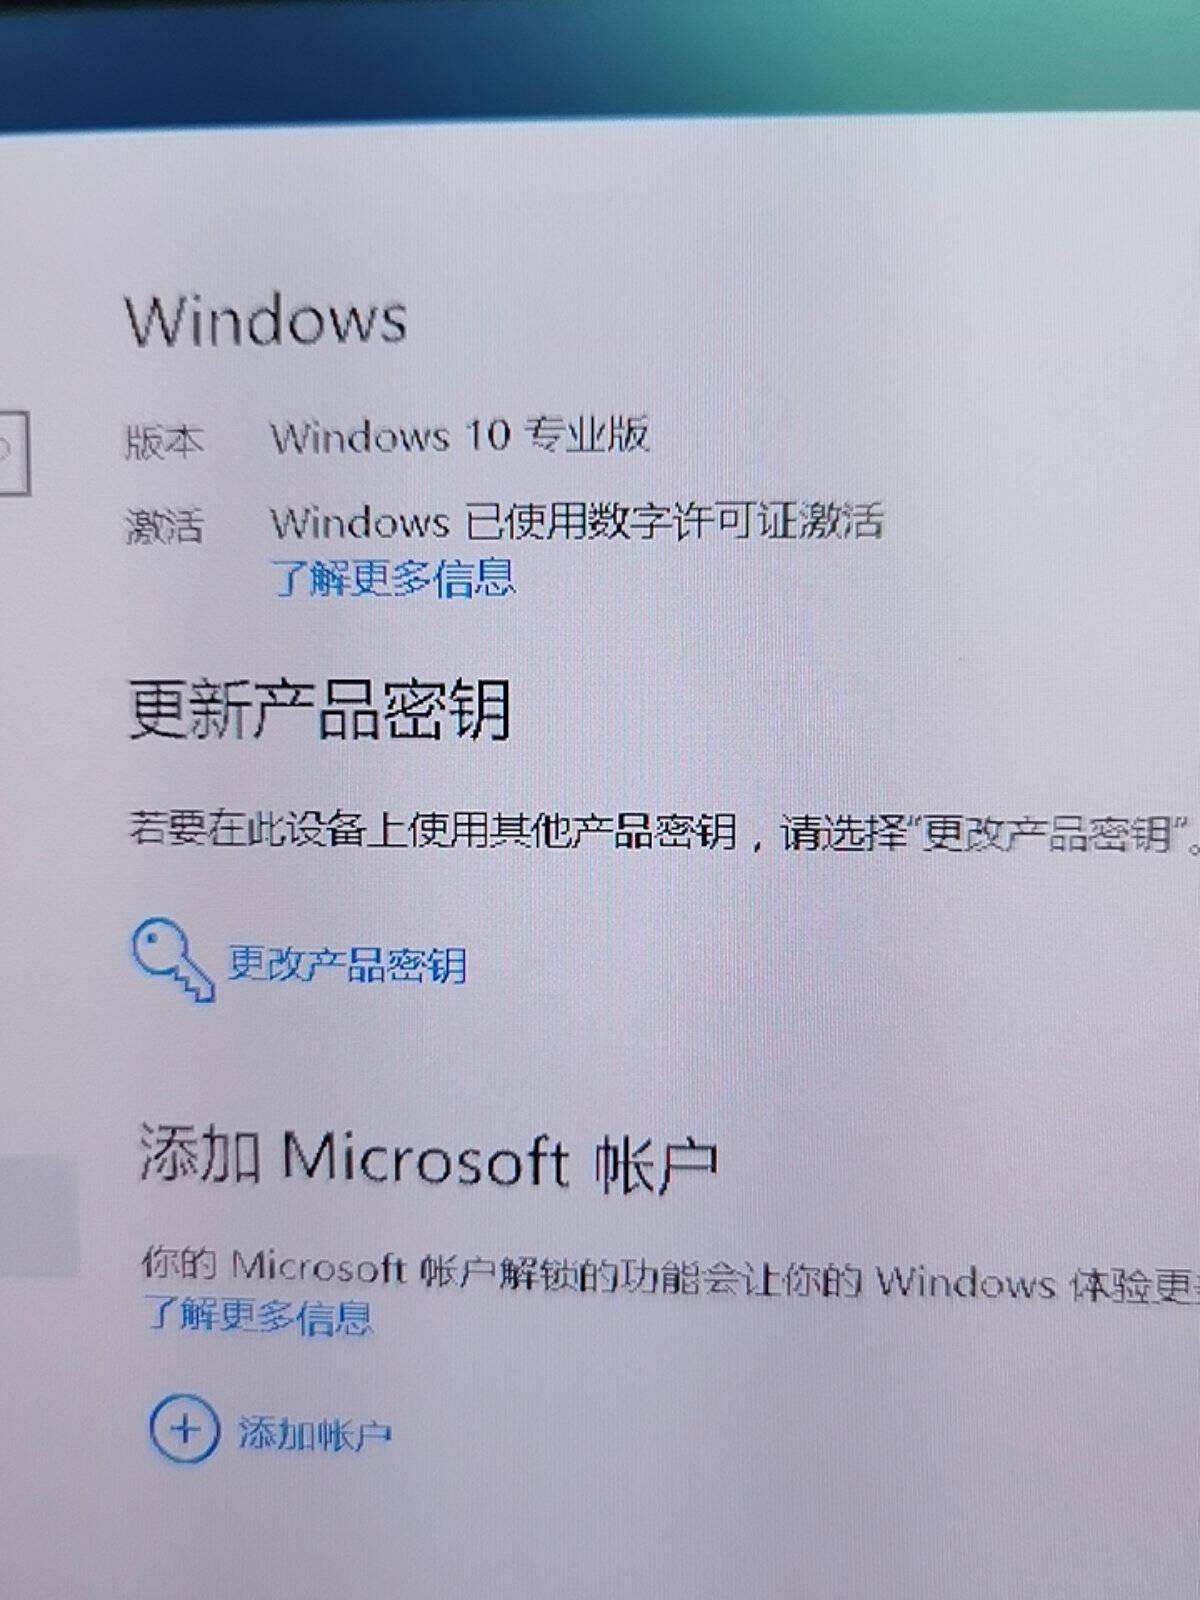 win10系统激活码windows10专业版激活码win10家庭中文版教育版企业版旗舰版sp1正版专业版